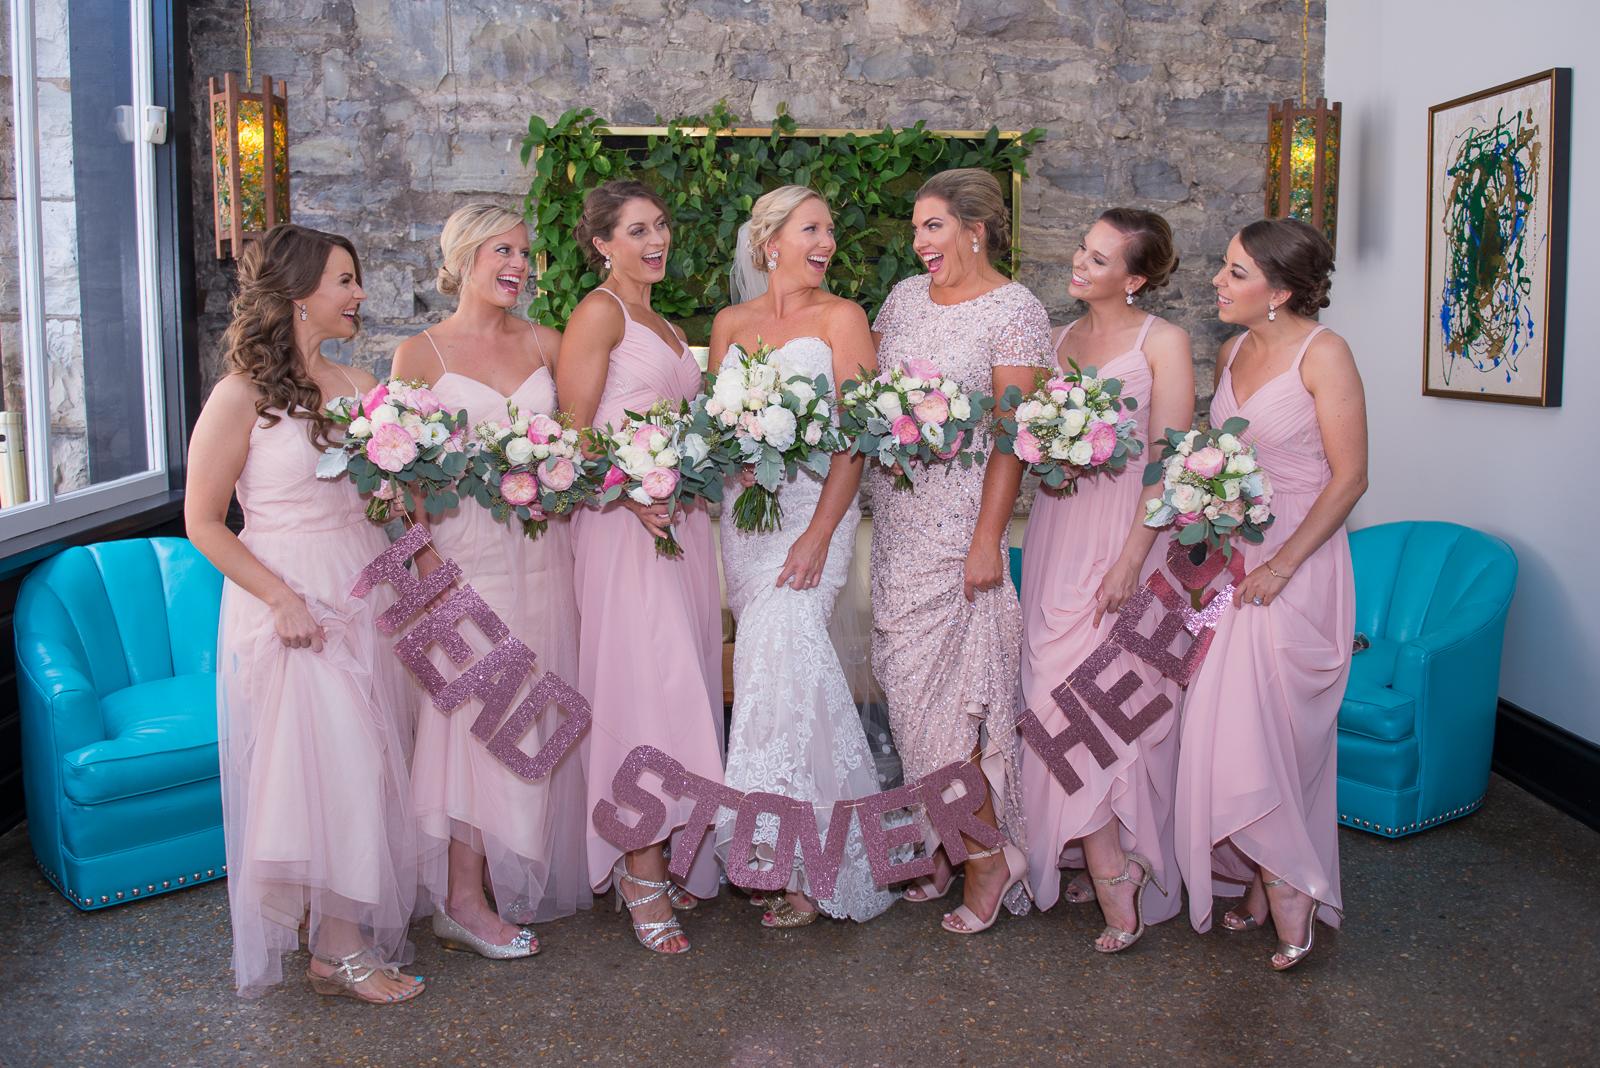 Chattanooga-Wedding-Photography-29.jpg